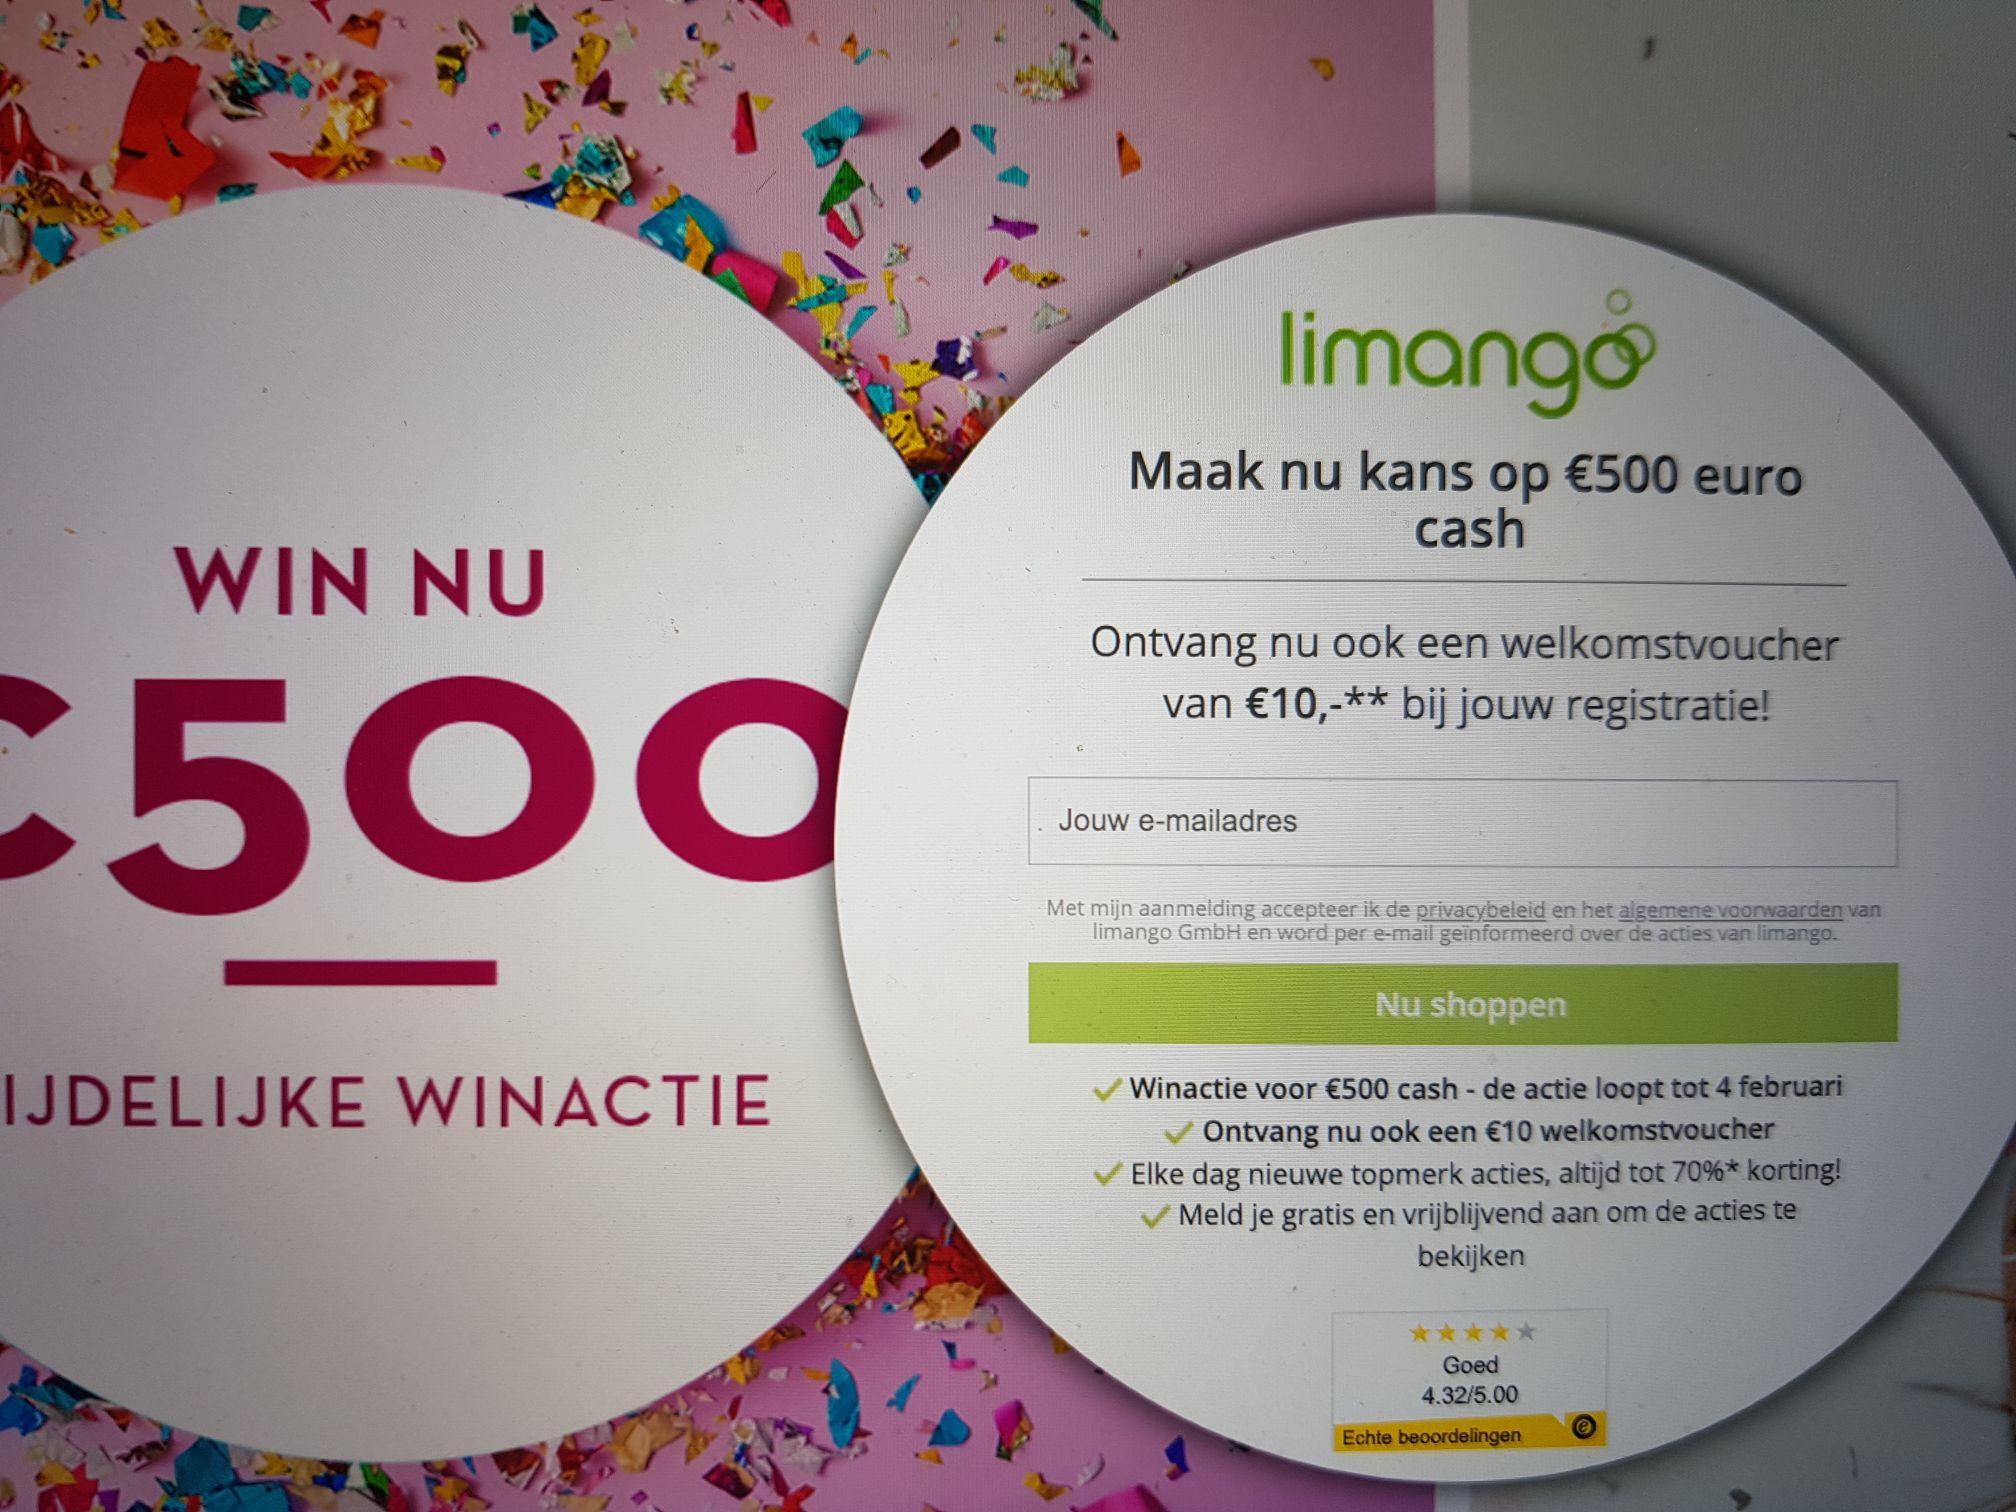 Welkomstvoucher 10 euro limango